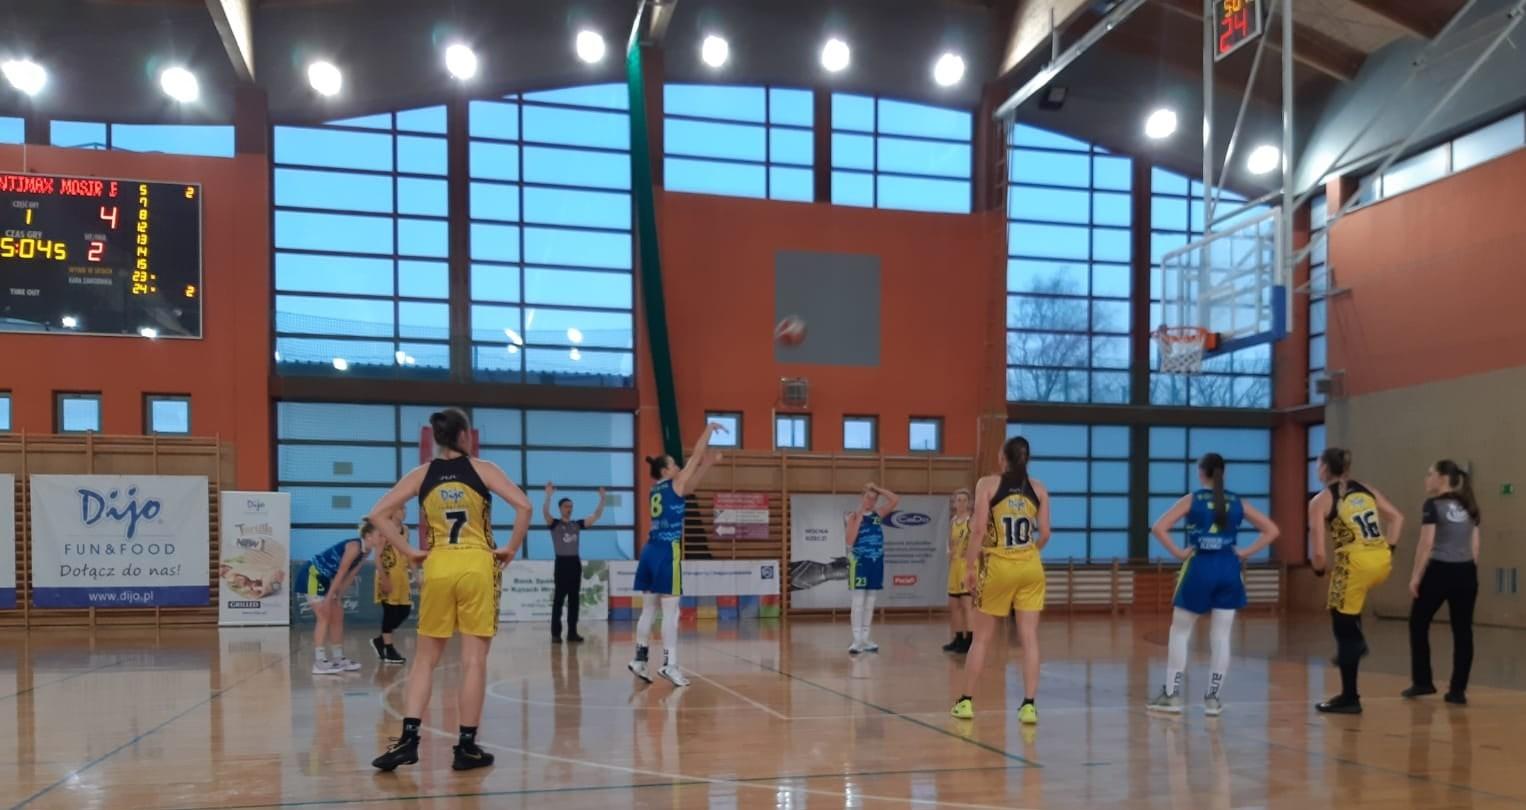 Mecz 1 ligi koszykówki kobiet 14.02.2021 r.